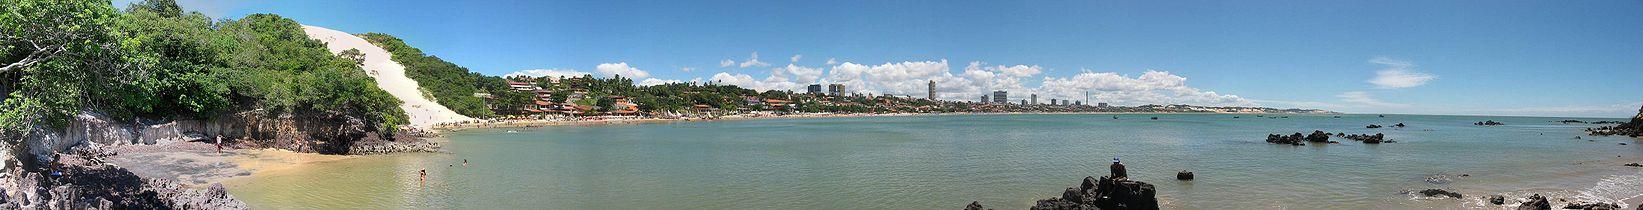 Natal Rio Grande do Norte fonte: upload.wikimedia.org